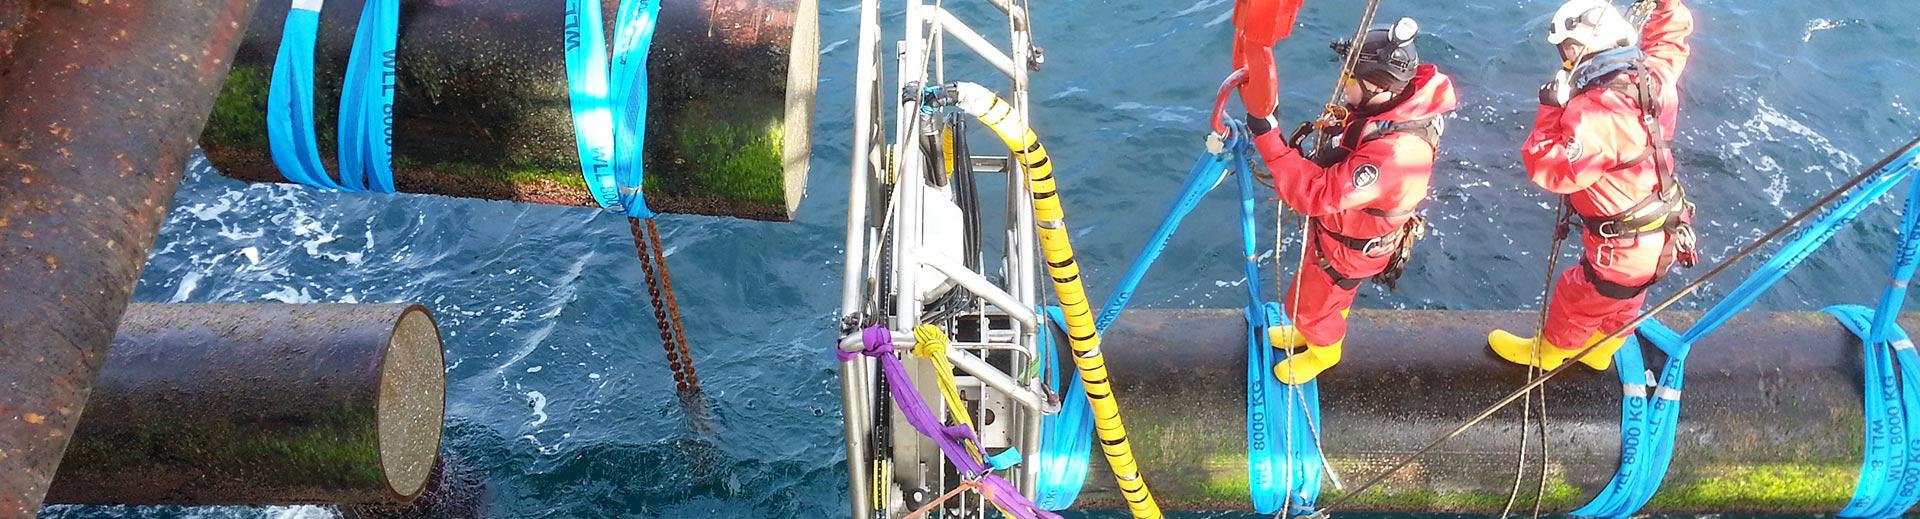 bibby offshore stavanger